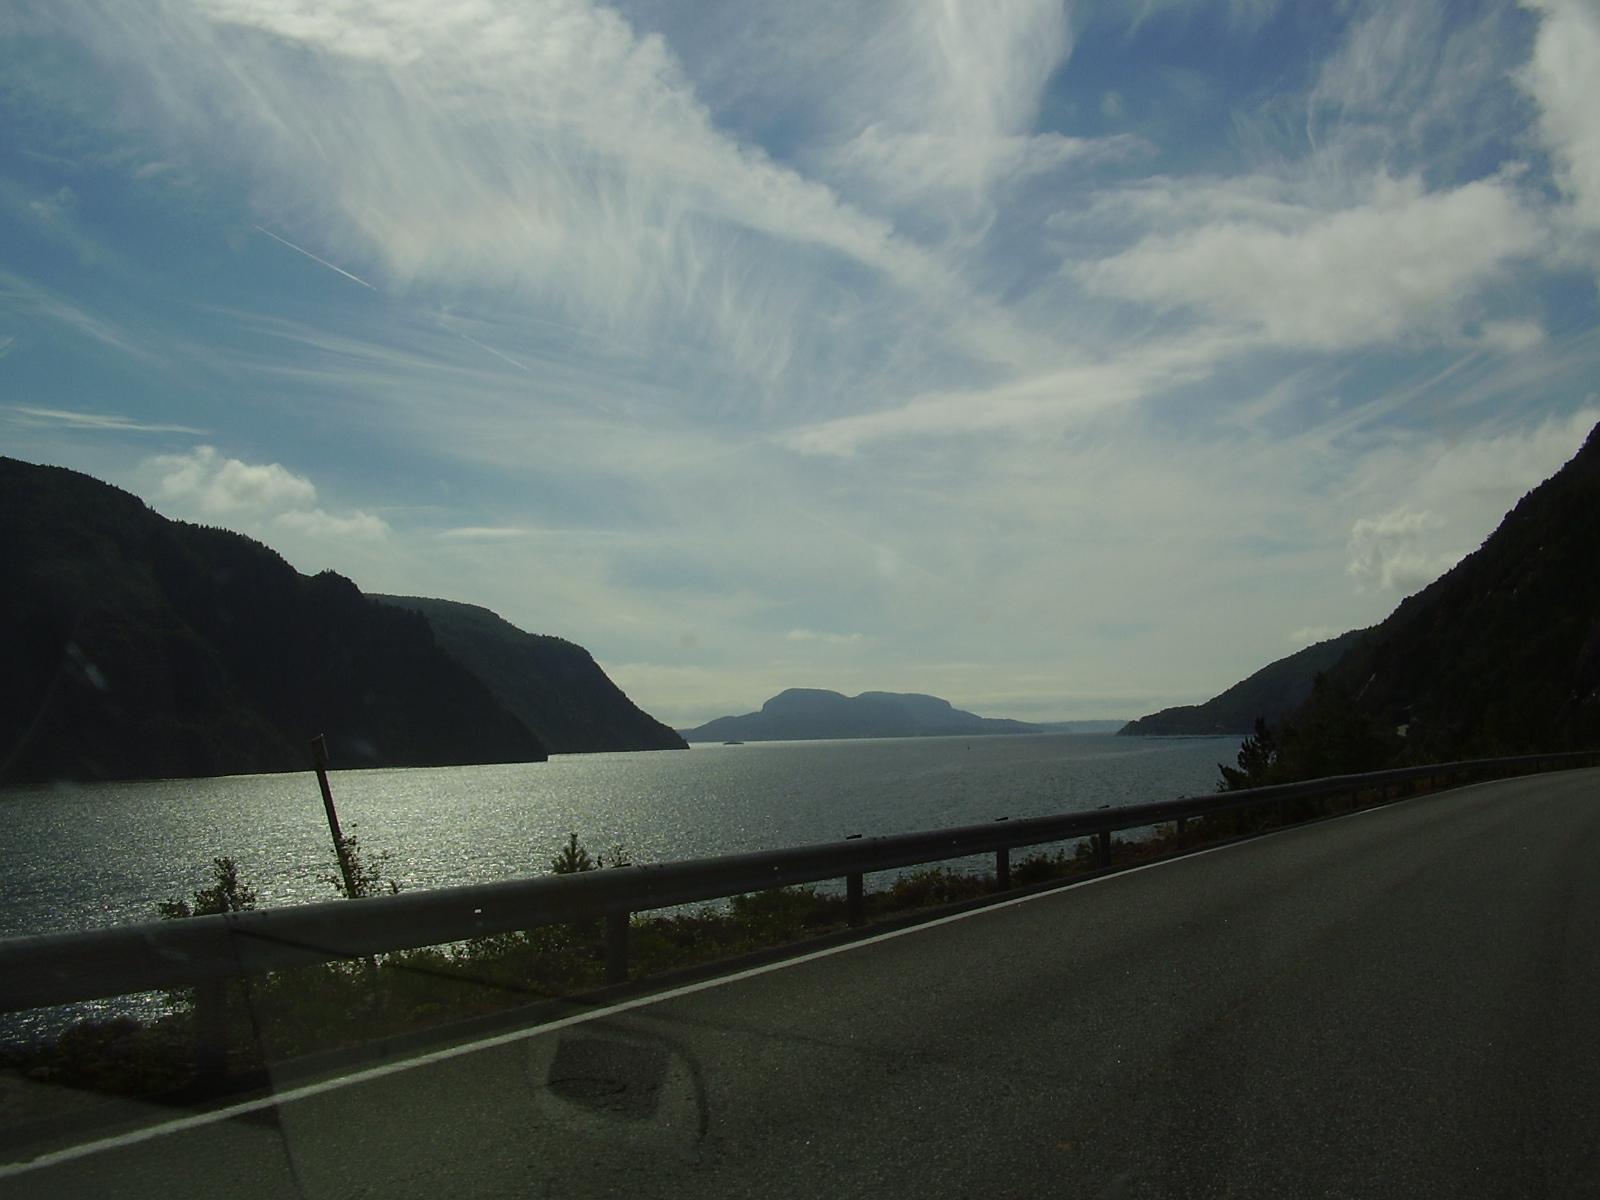 Niek in de wereld noorwegen dag 10 - Huis van de wereld fjord ...